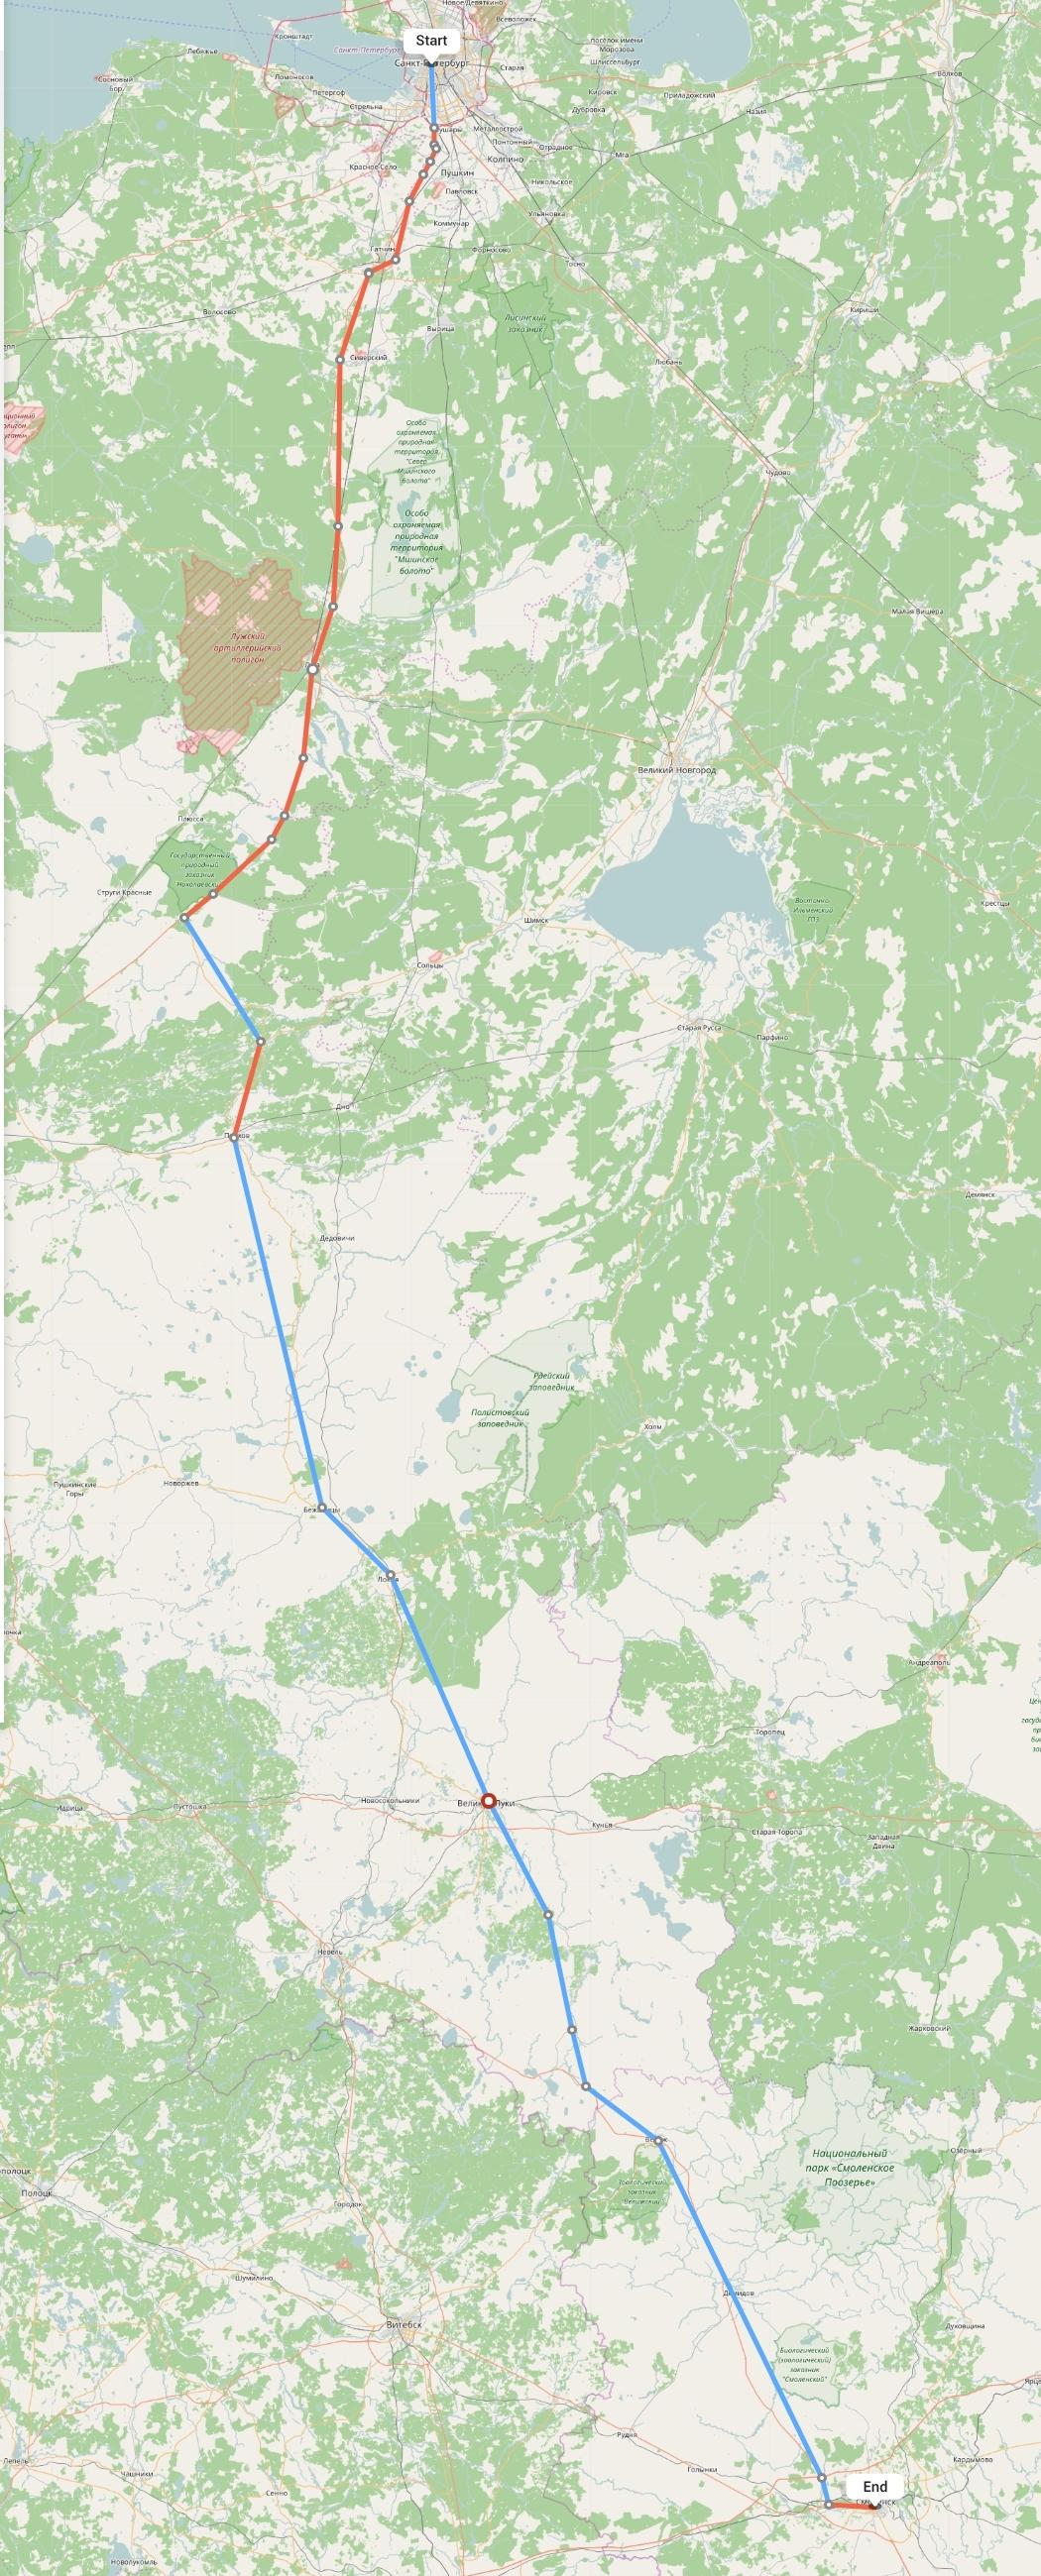 Переезд из Санкт-Петербурга в Смоленск